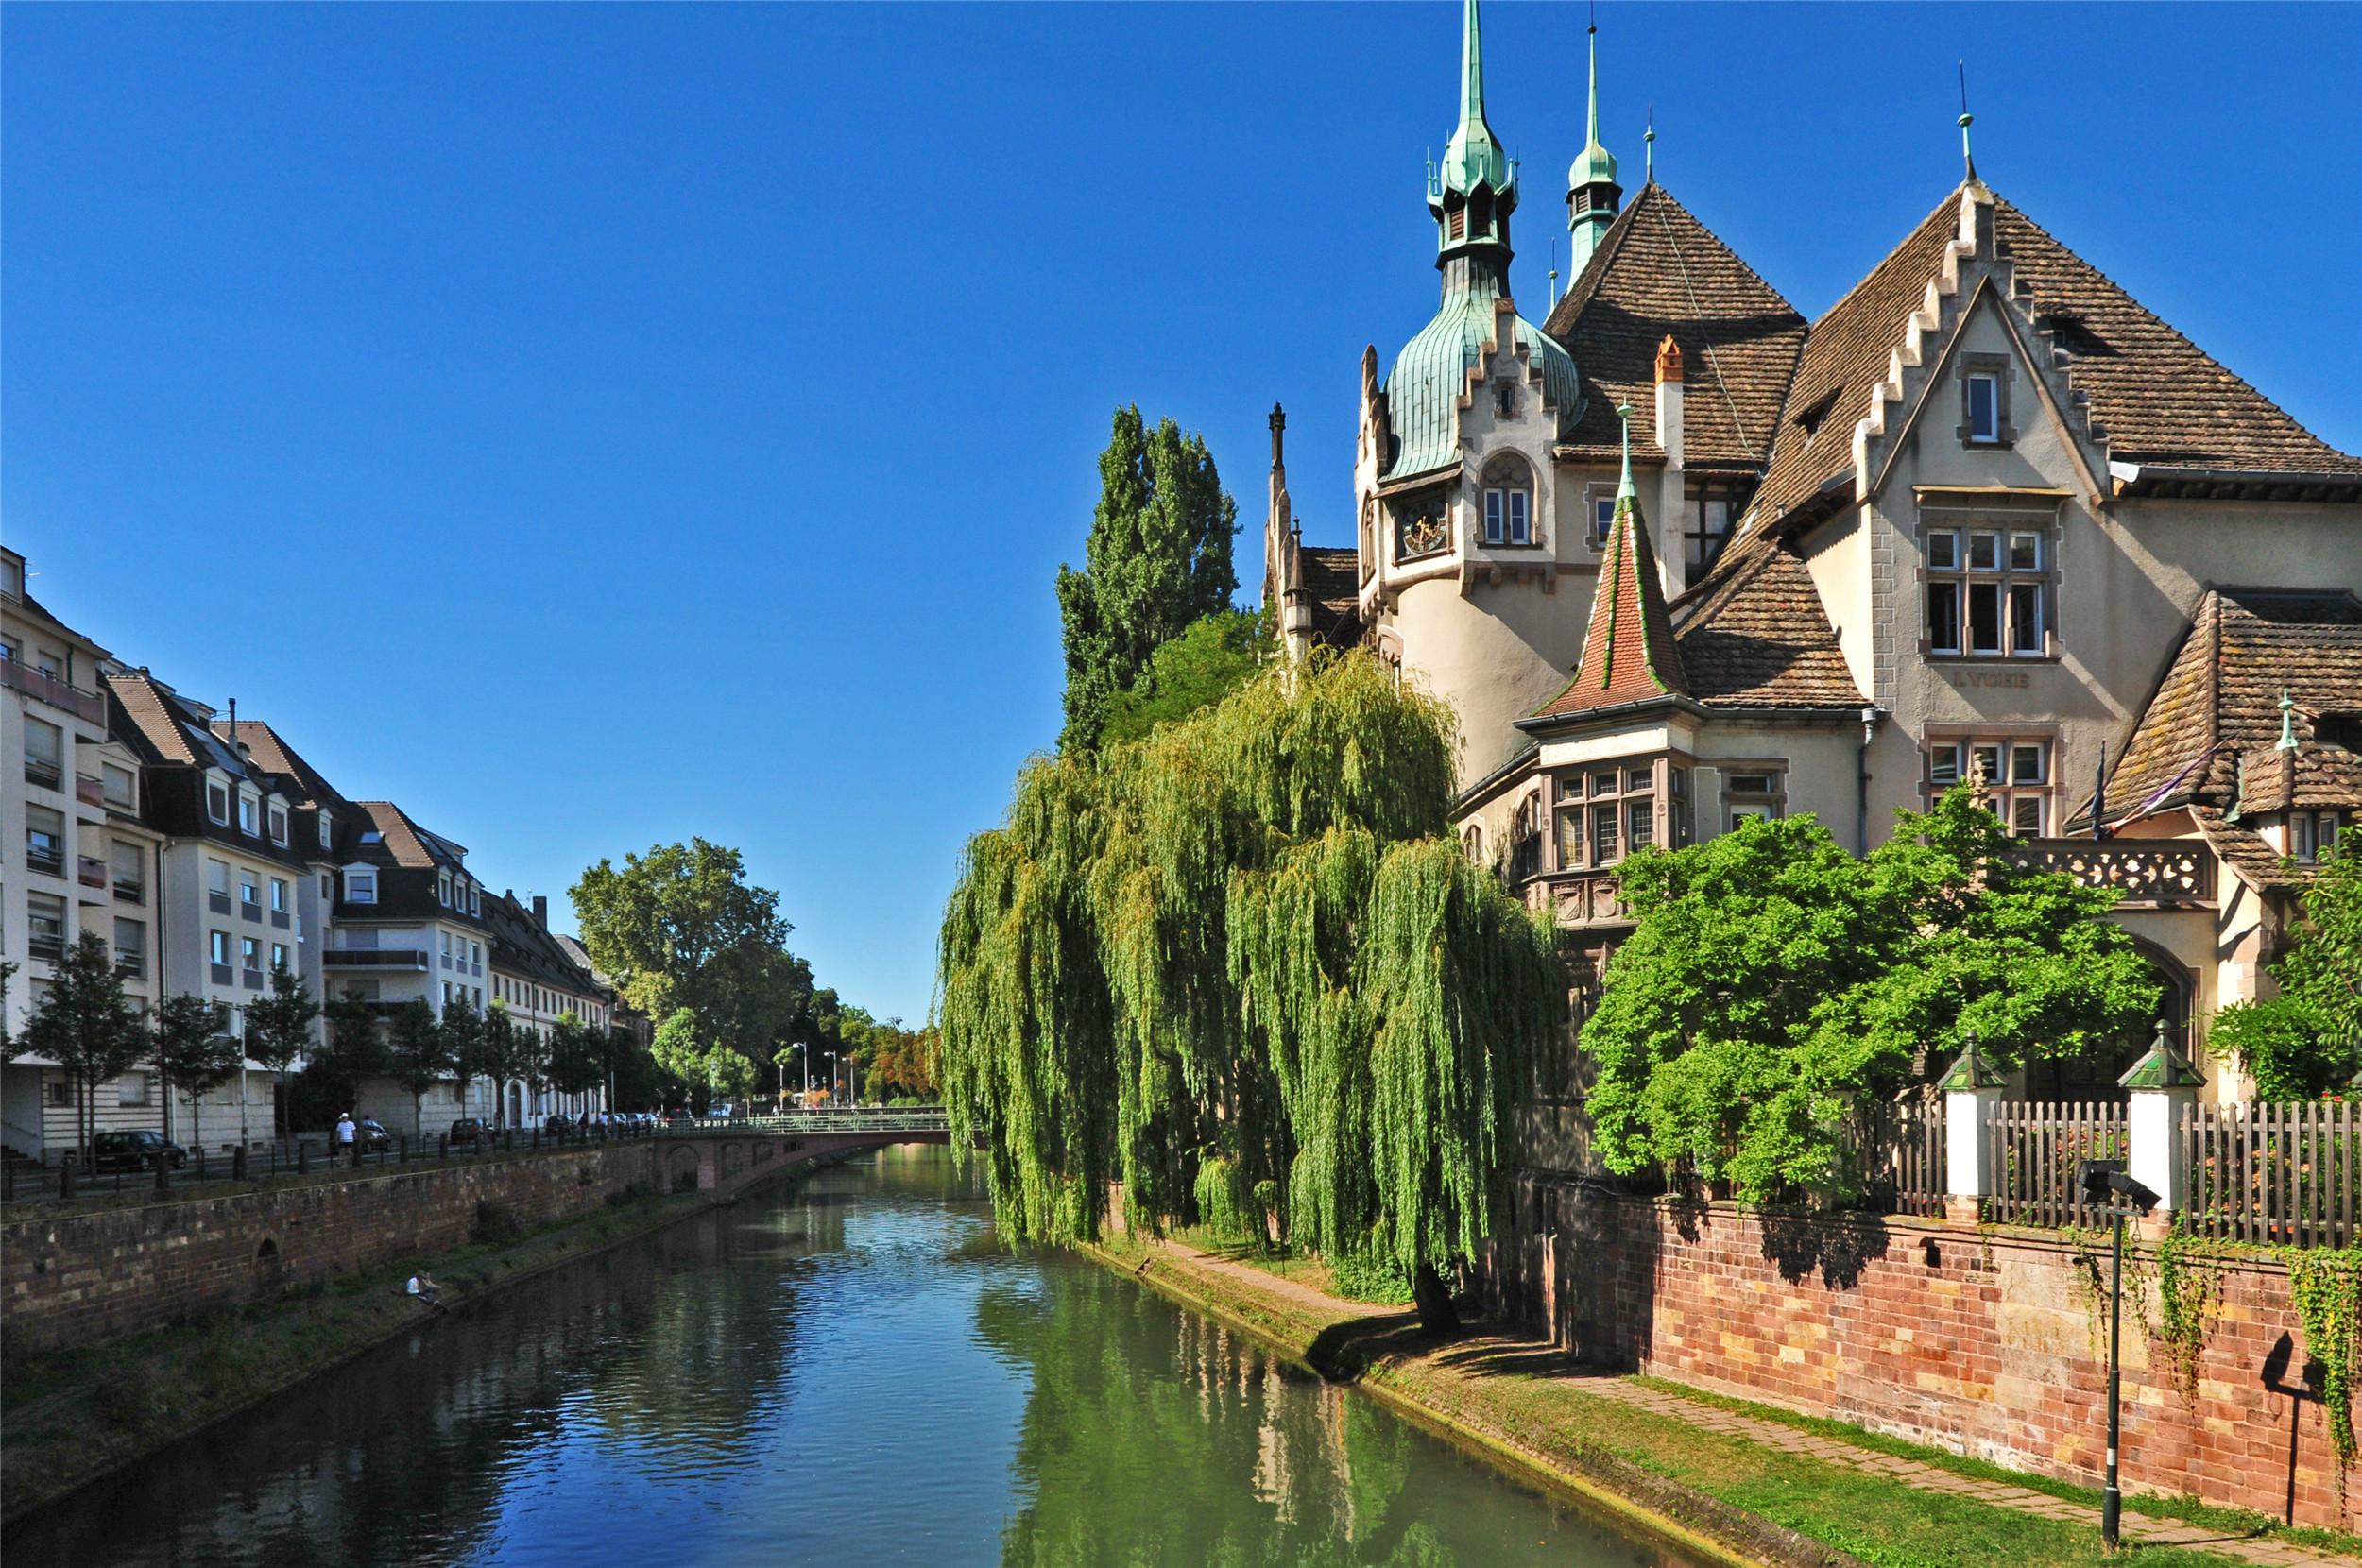 今日介紹6張城市風景美圖:古典城堡,悠久的歷史,你